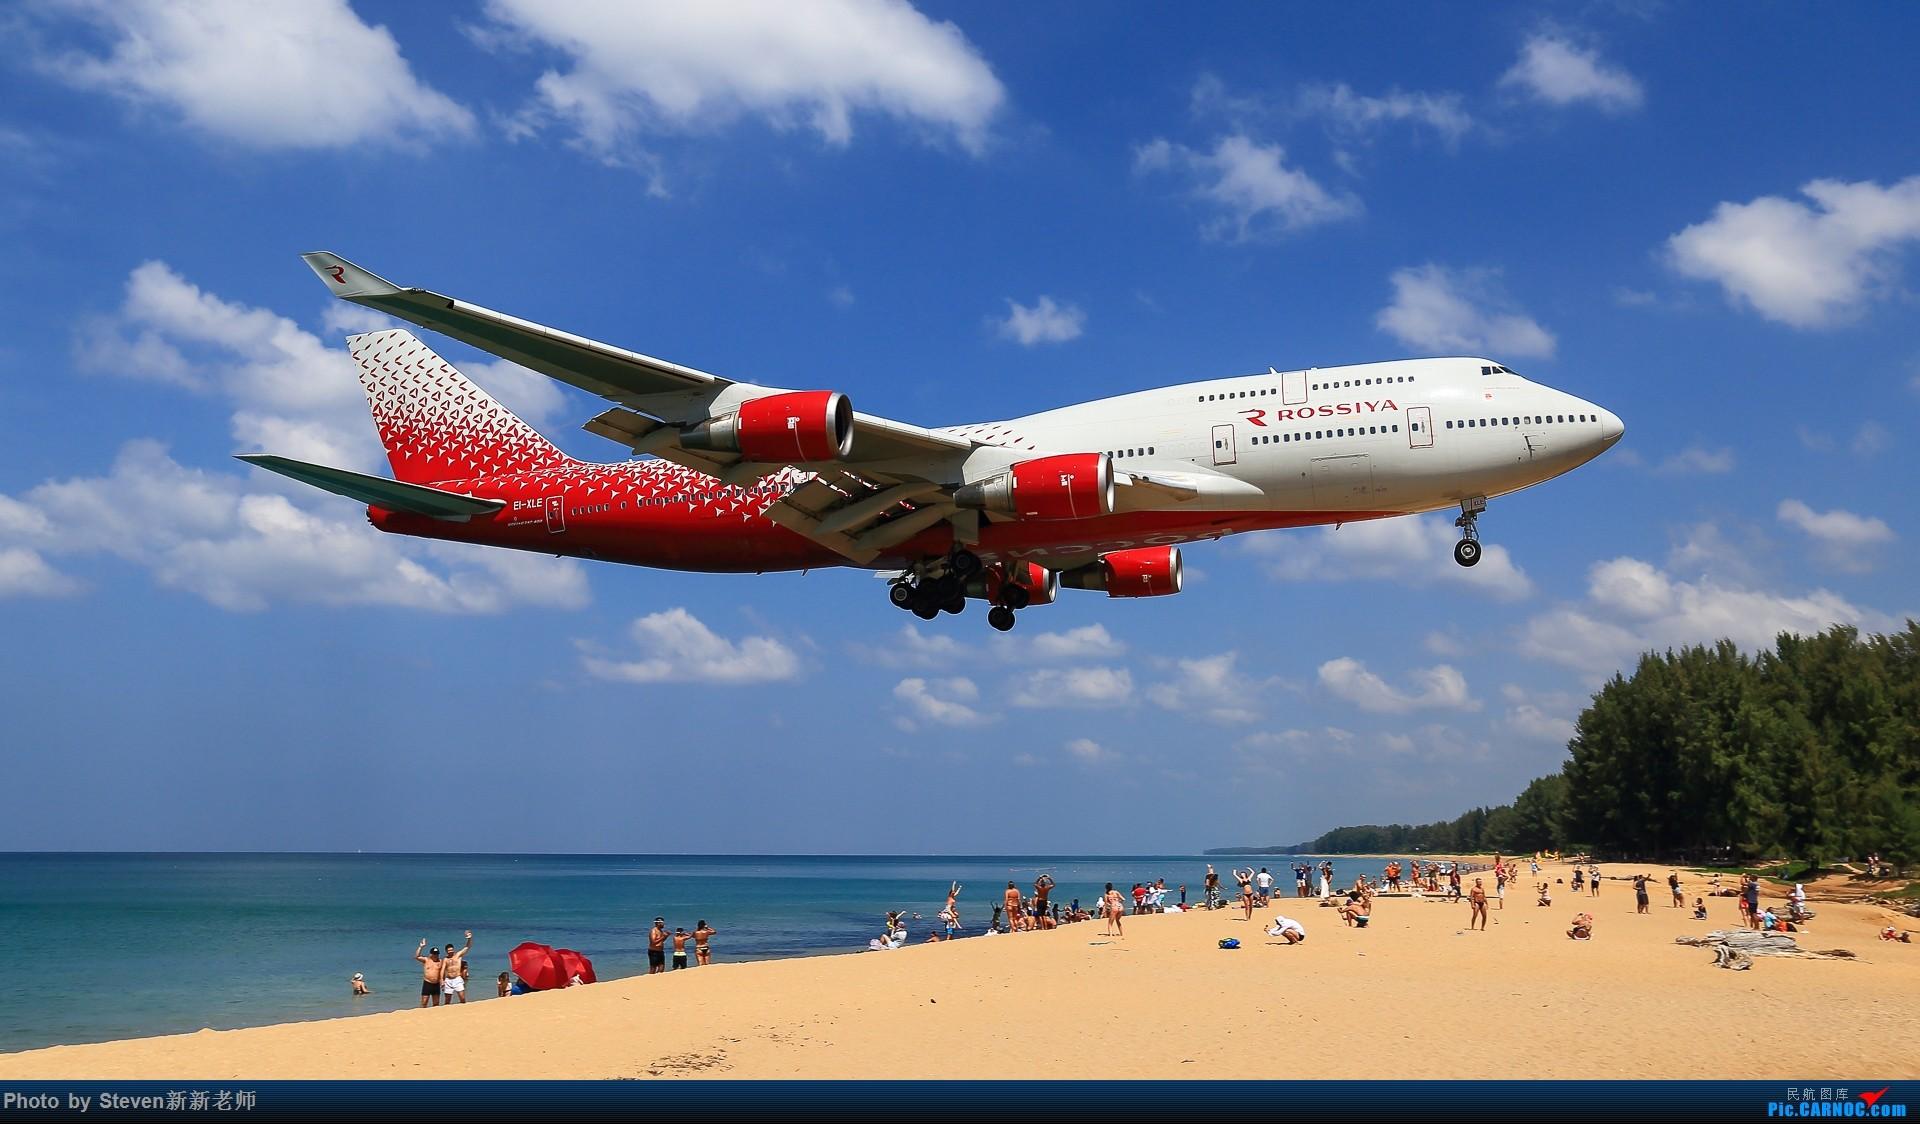 """Re:[原创]亚洲""""圣马丁岛""""—普吉国际机场拍机 BOEING 747-400 EI-XLE 泰国普吉机场"""